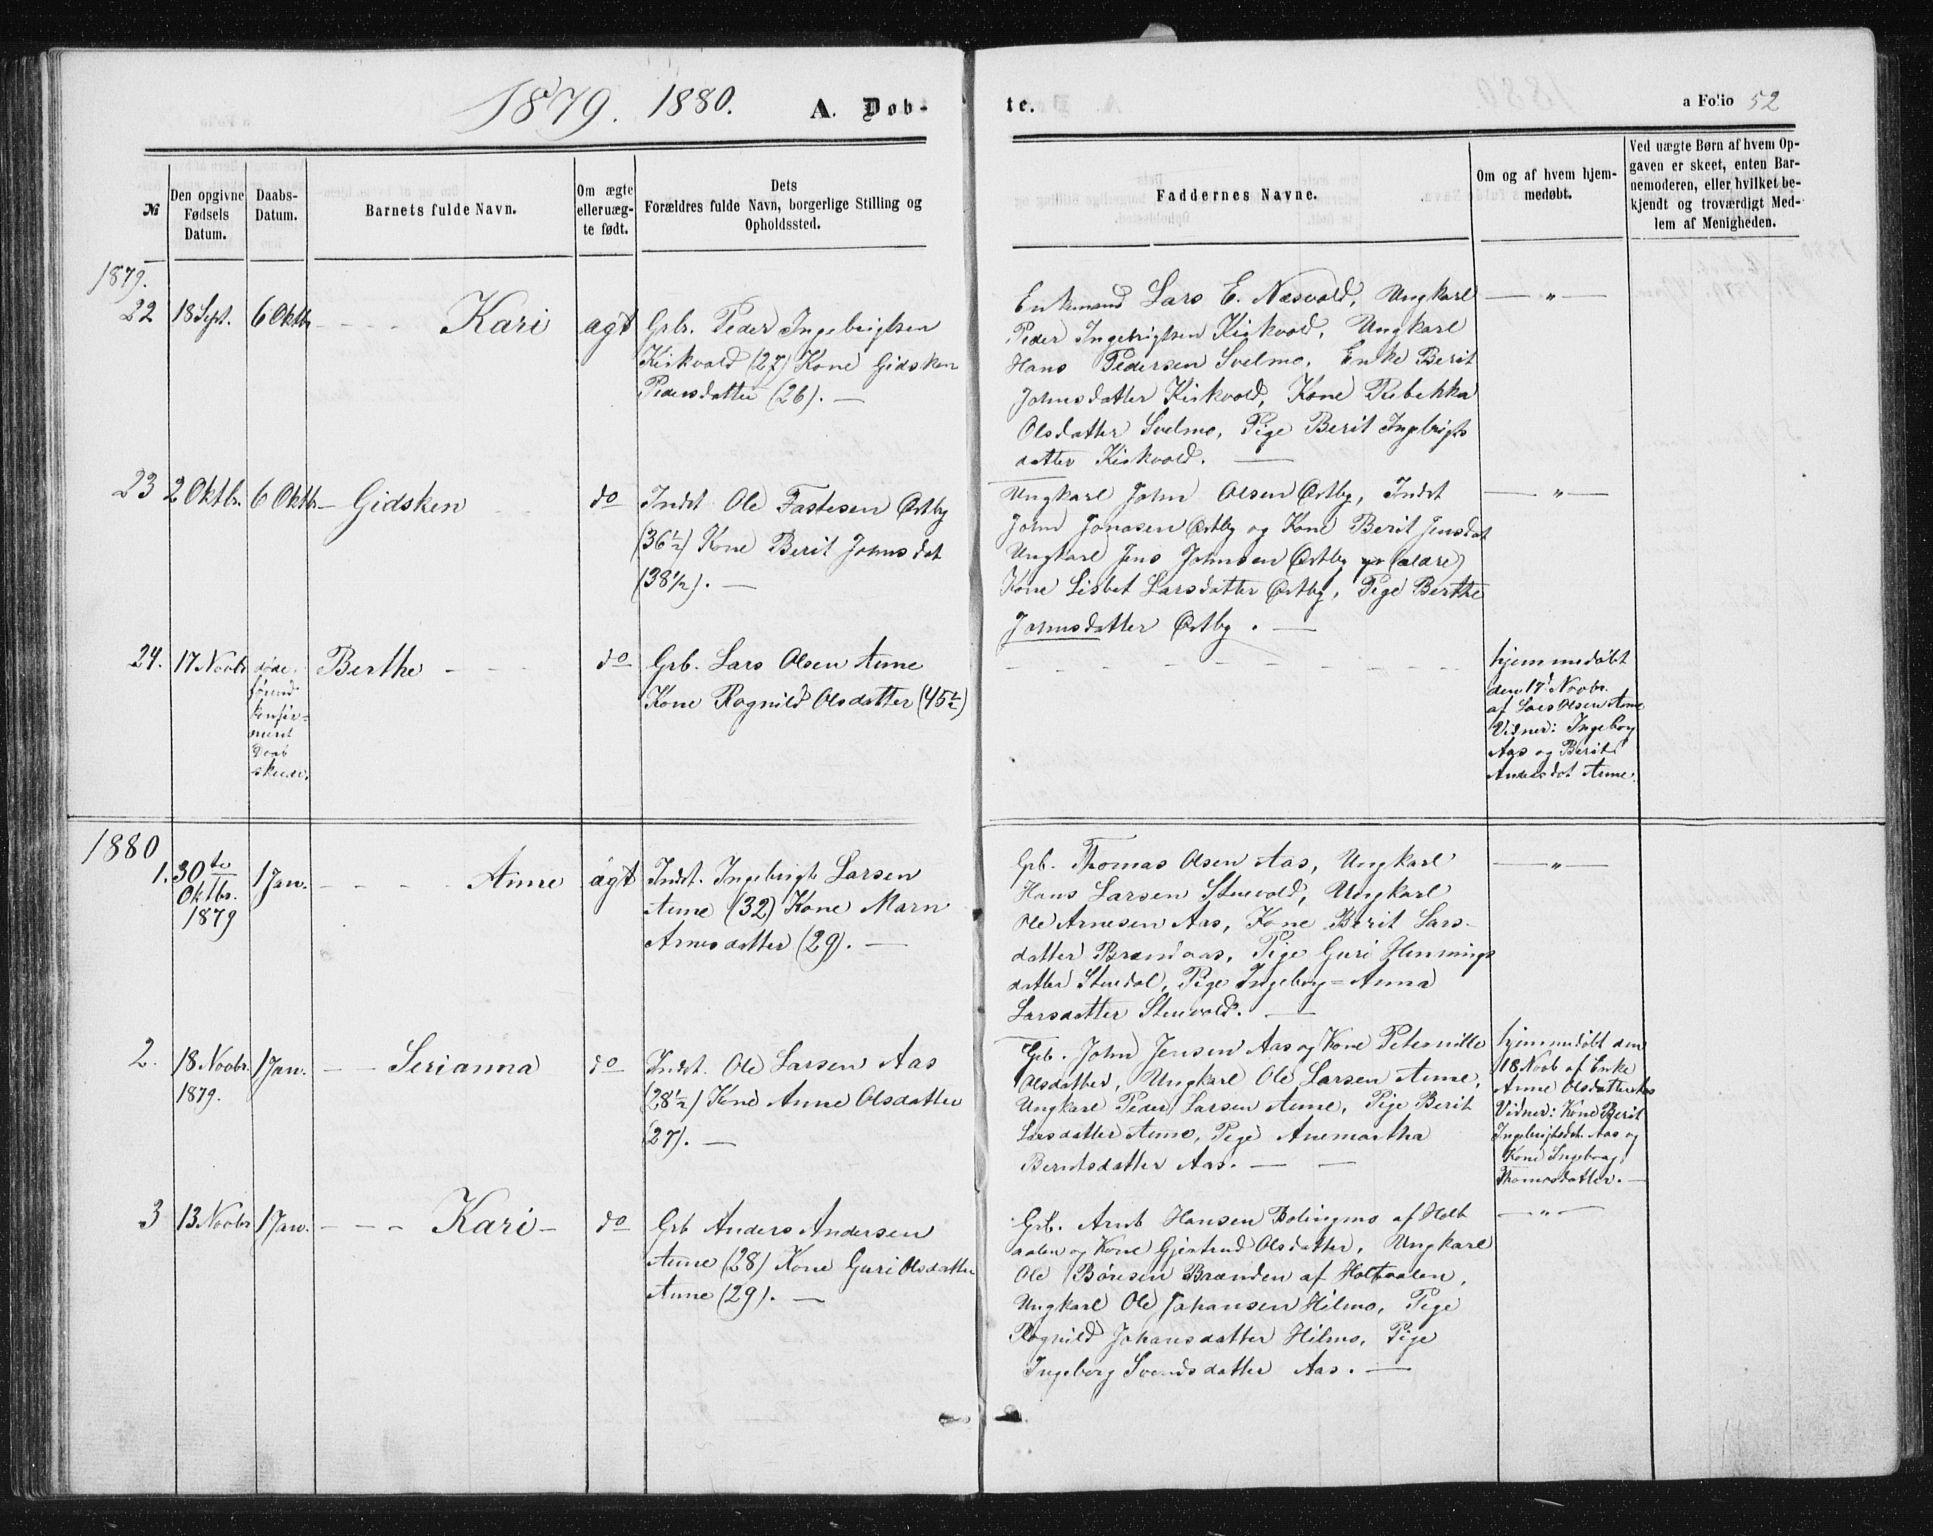 SAT, Ministerialprotokoller, klokkerbøker og fødselsregistre - Sør-Trøndelag, 698/L1166: Klokkerbok nr. 698C03, 1861-1887, s. 52